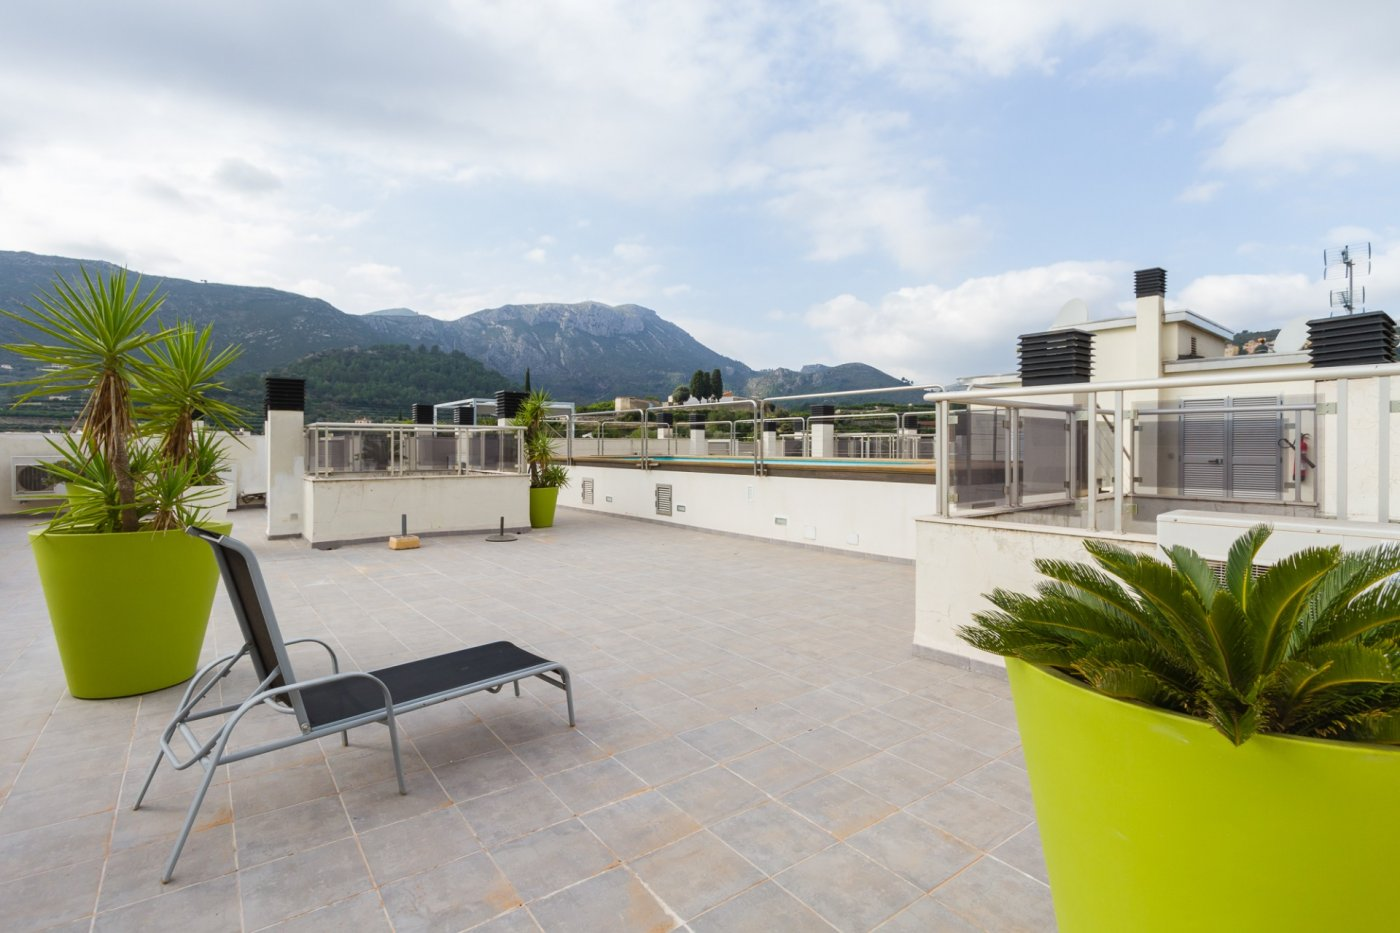 Fuera covid ! faboloso ático con vistas con terraza y piscina comunitaria y zona chillout. - imagenInmueble1